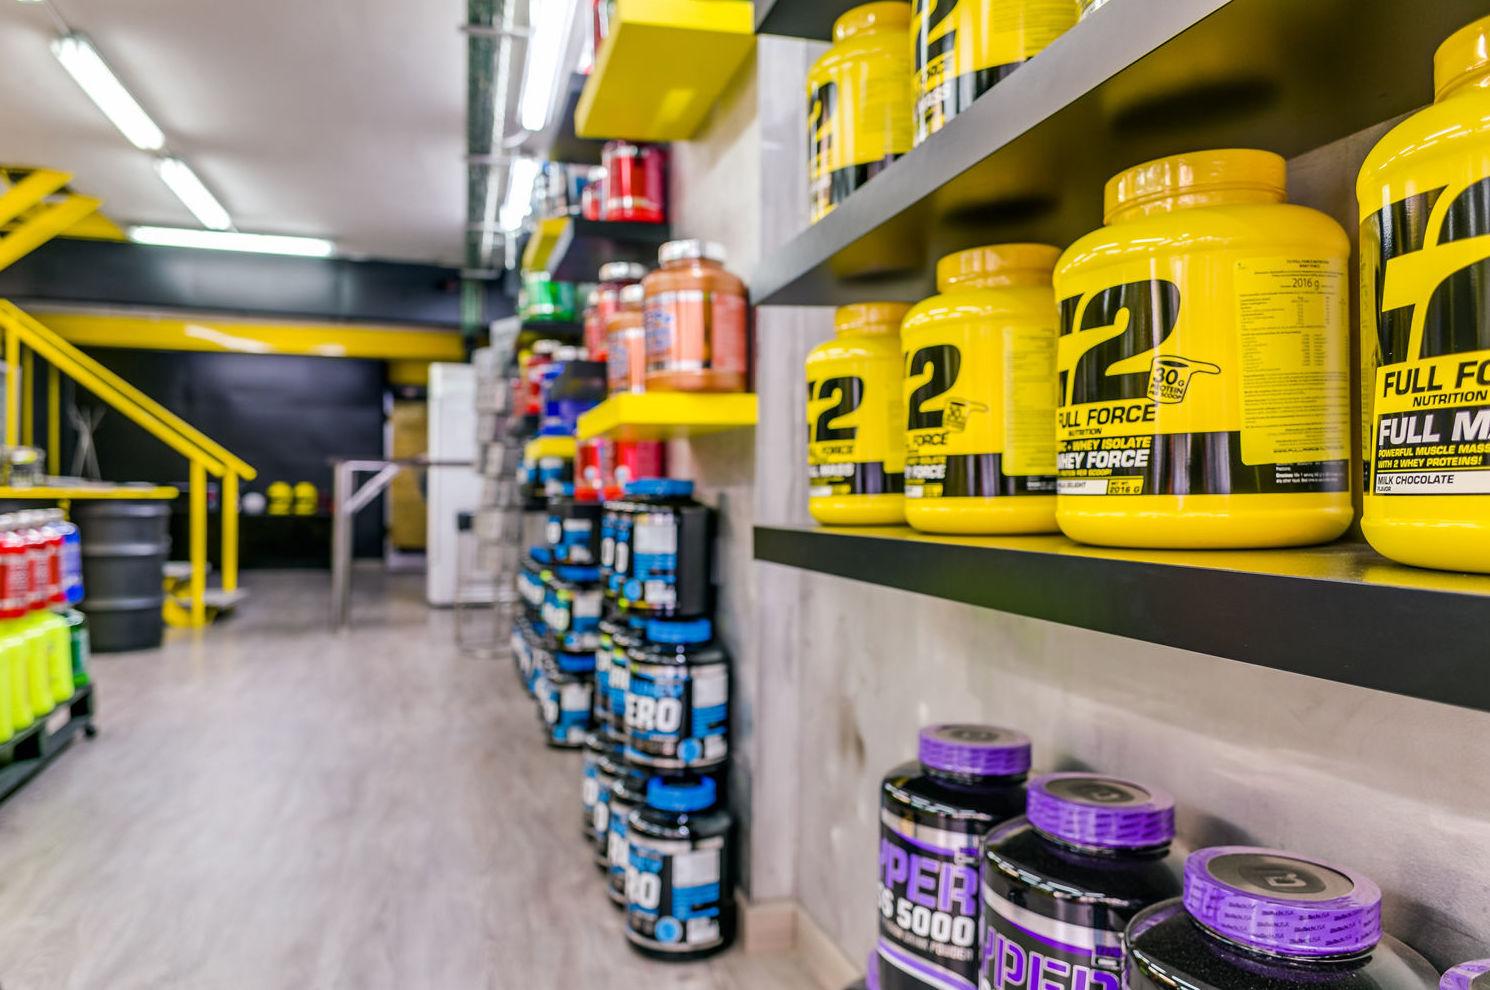 Tienda de suplementos deportivos en Eixample b3fa7571afe51